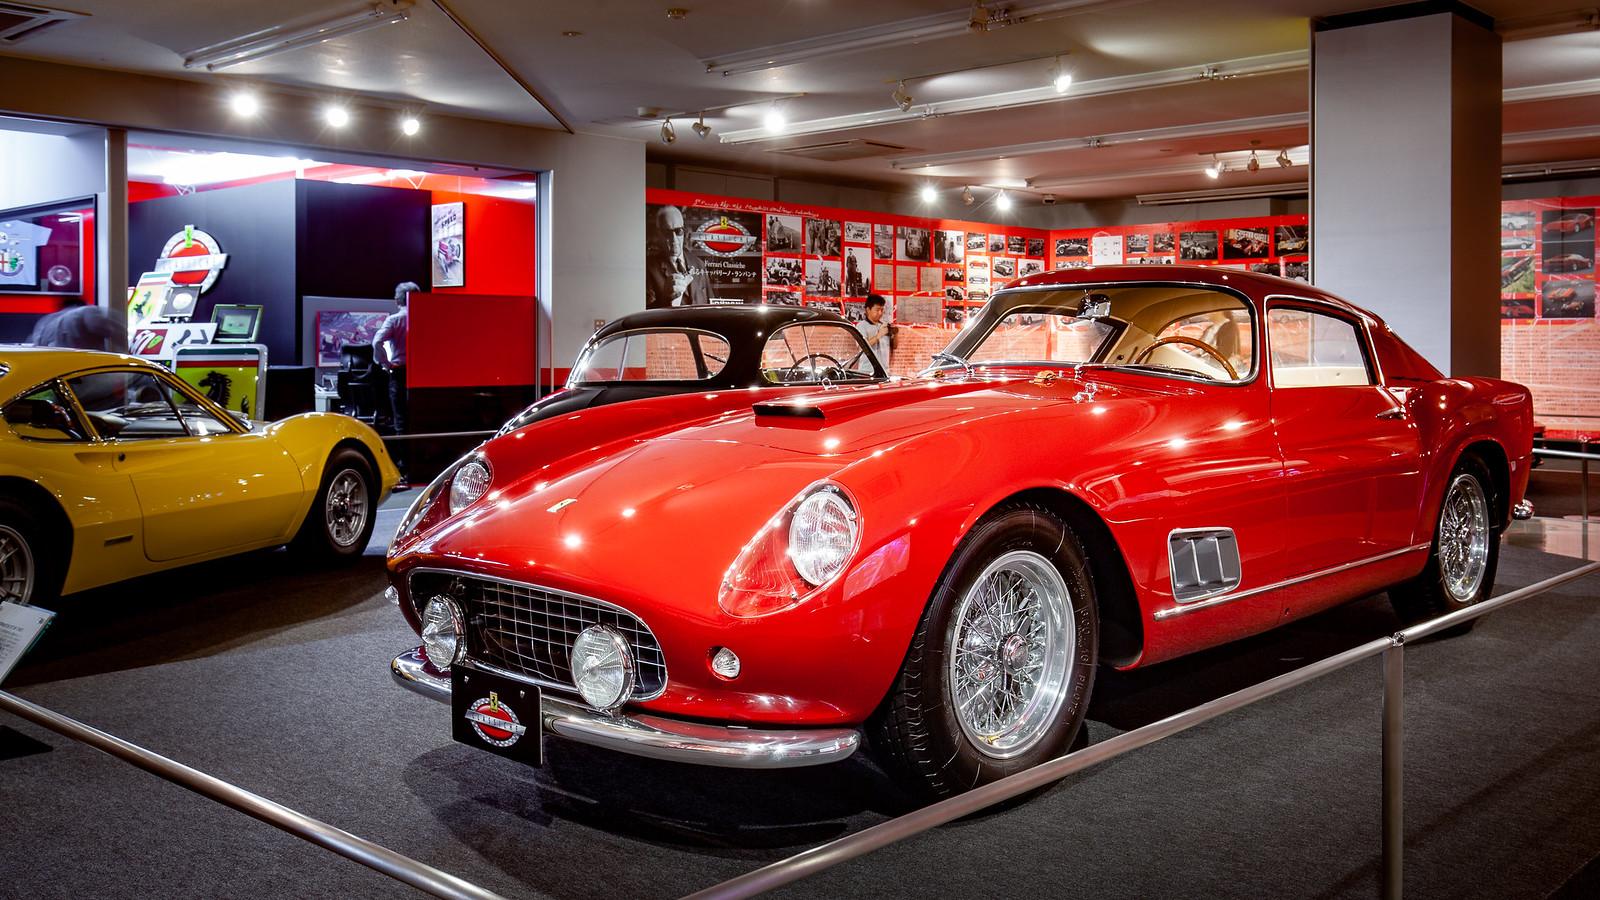 Ferrari 250GT tdf